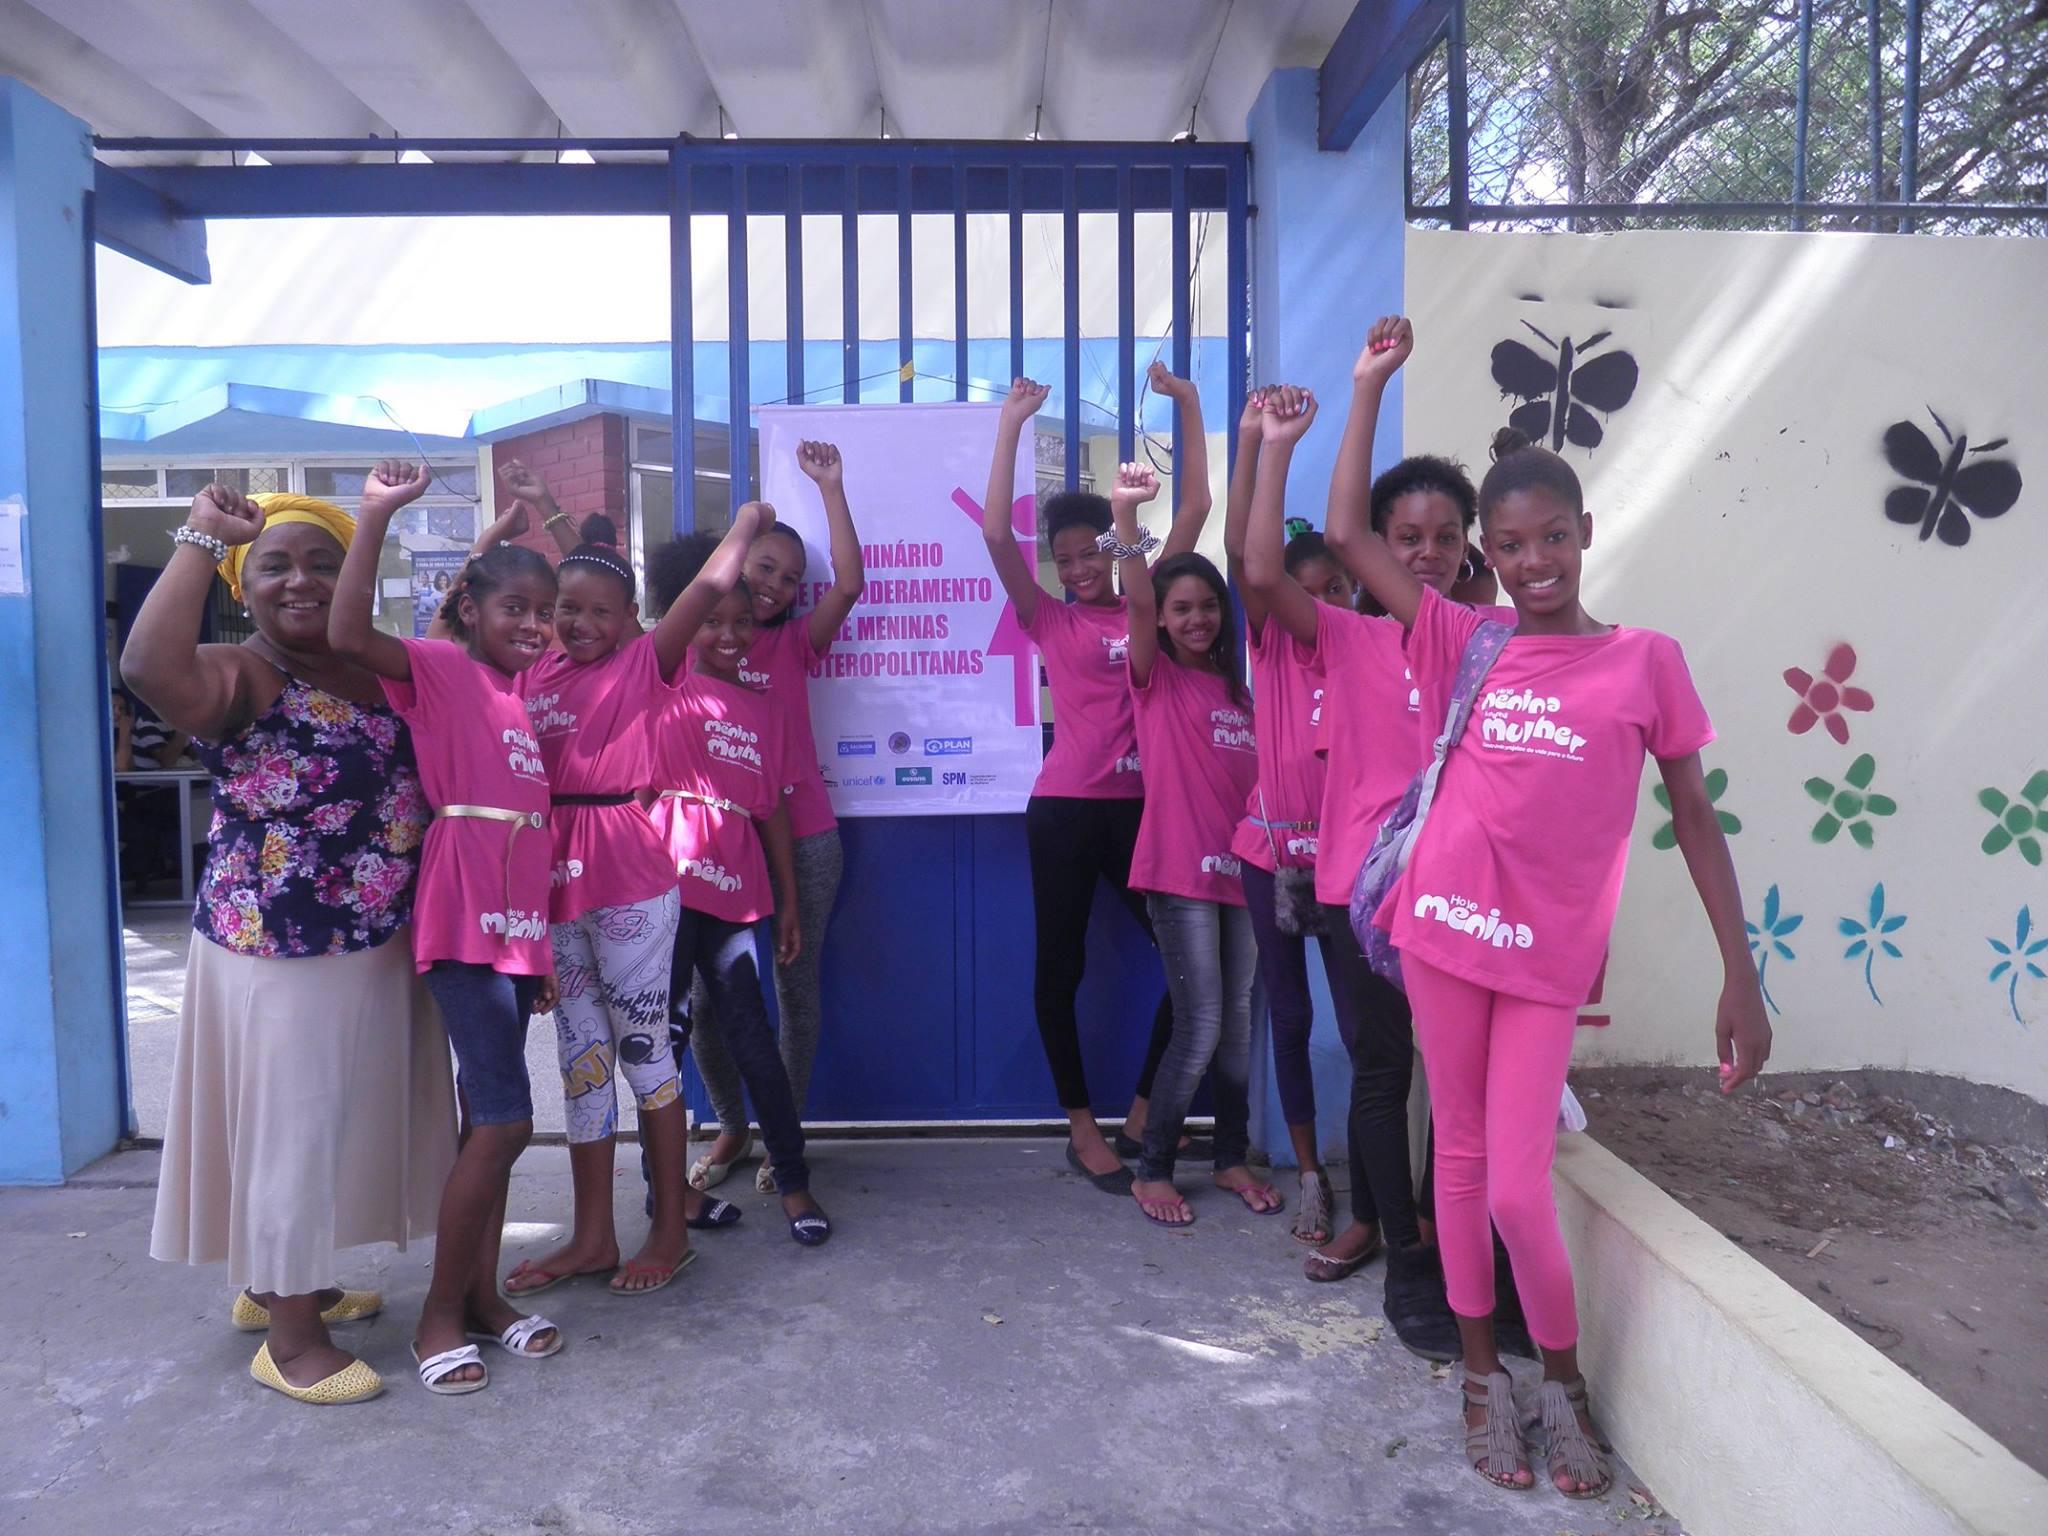 Fortalecendo cidadania: Menina, Mulher Liderança e Ação BrazilFoundation Outra Parada Premio de Inovação